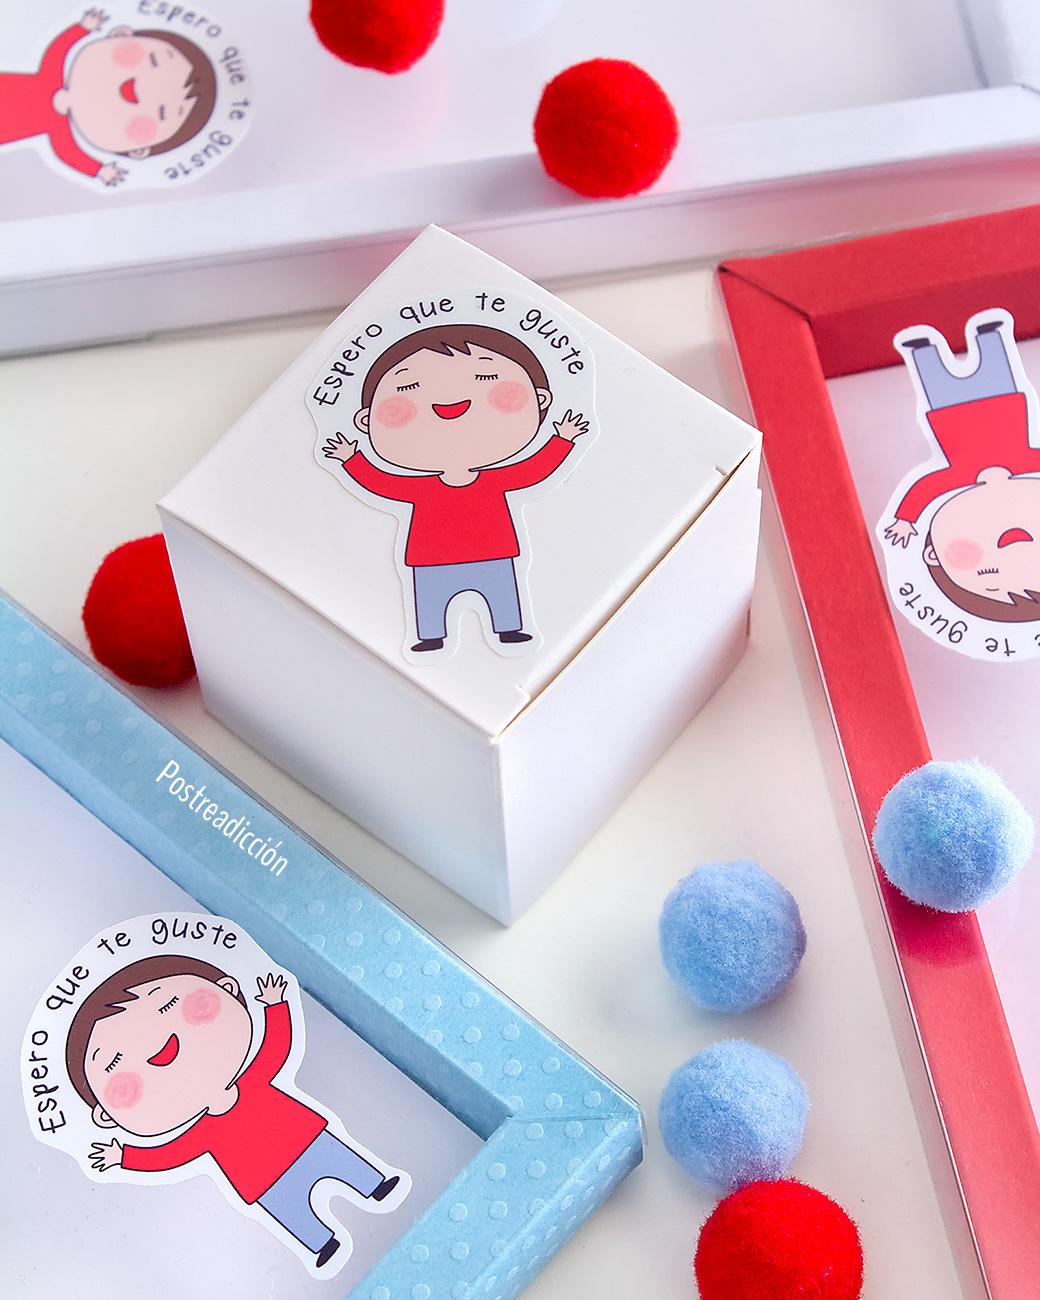 Imagen de producto: https://tienda.postreadiccion.com/img/articulos/secundarias13955-10-cajitas-cubo-blancas-5.jpg